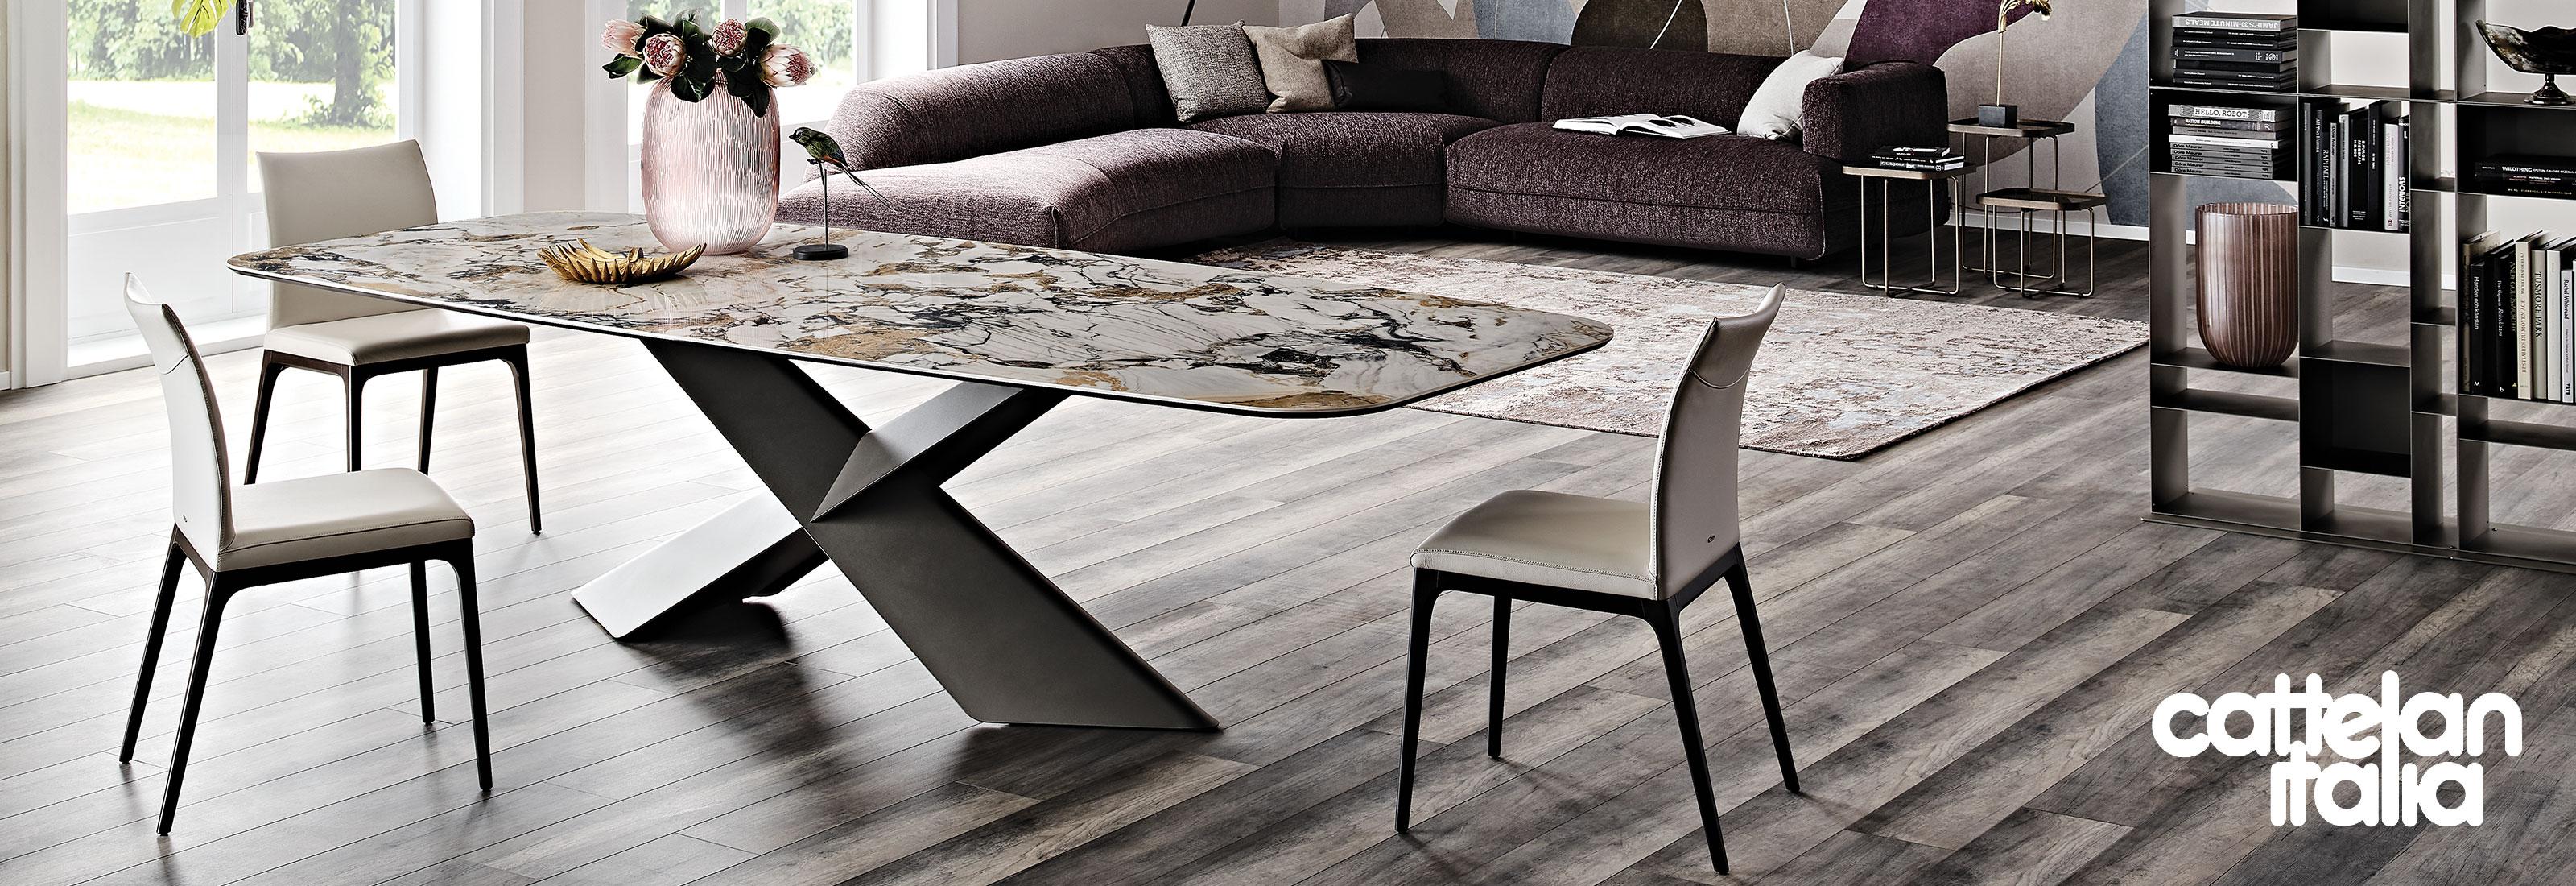 Cattelan Italia Furniture at Cantoni.com